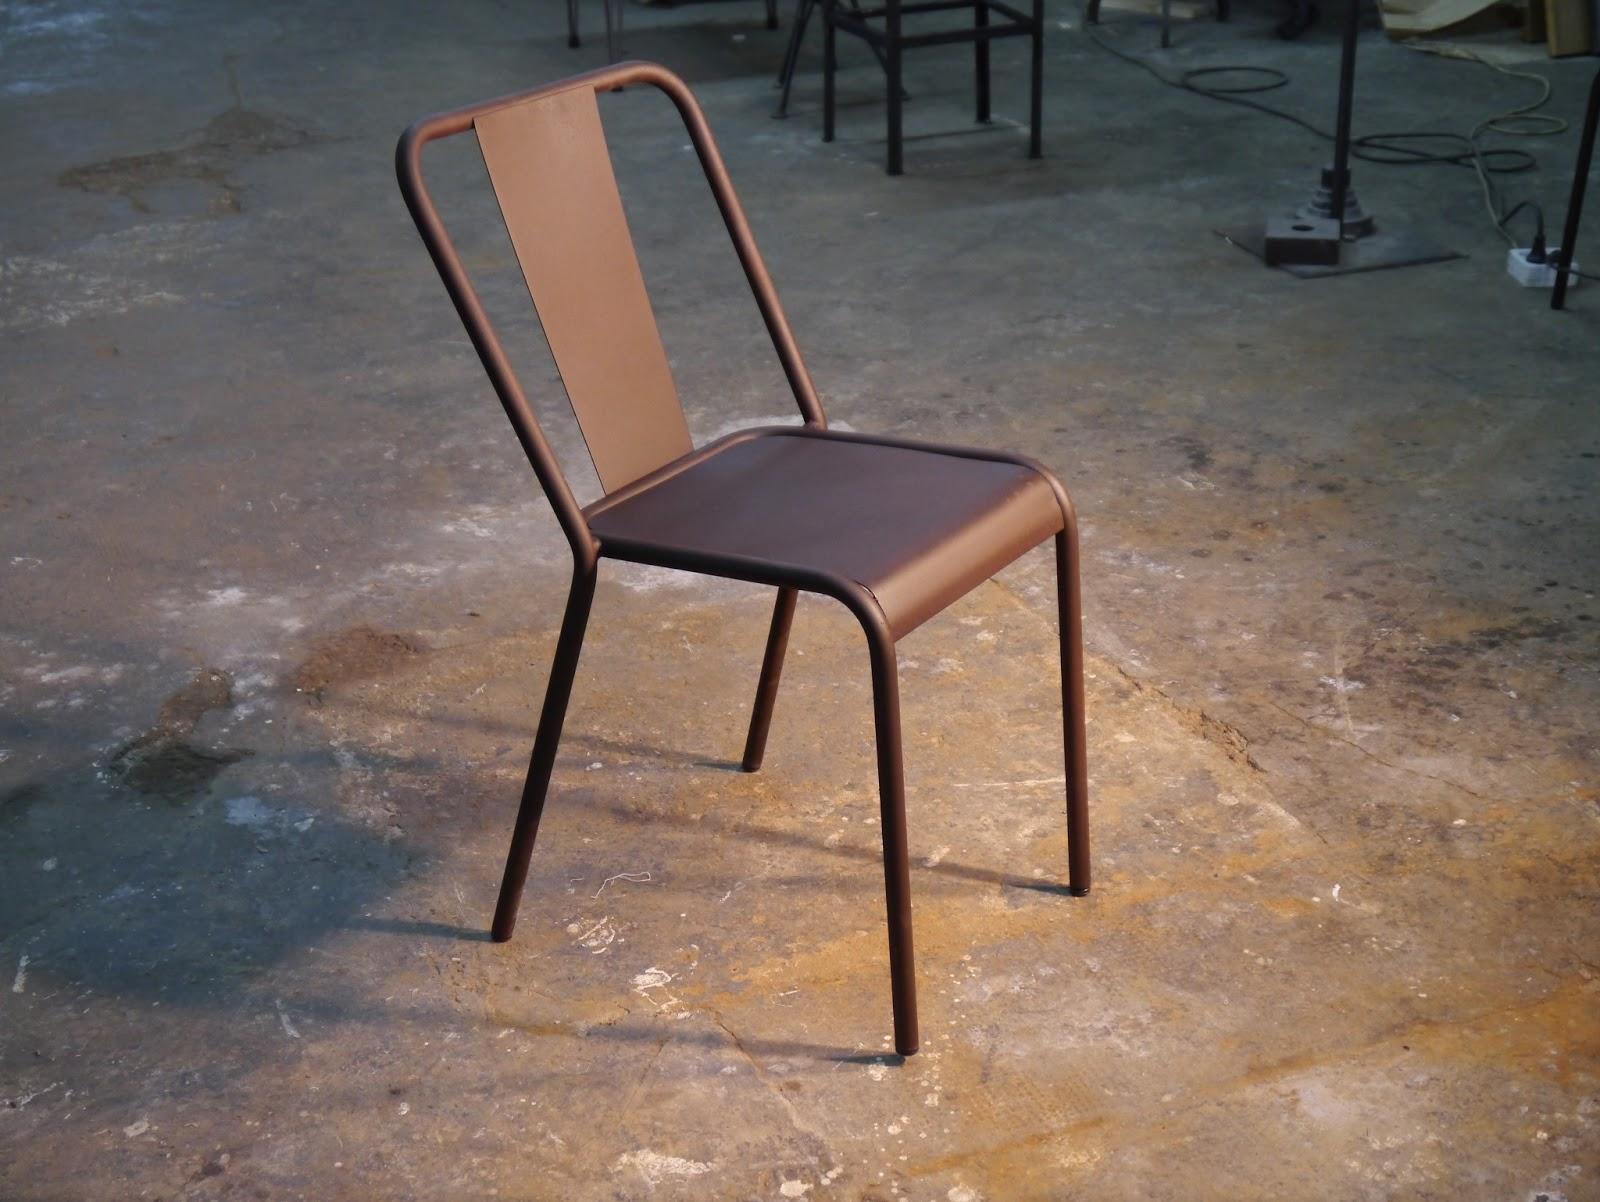 Mesas y sillas retro mobiliario vintage de estilo for Sillas estilo industrial baratas